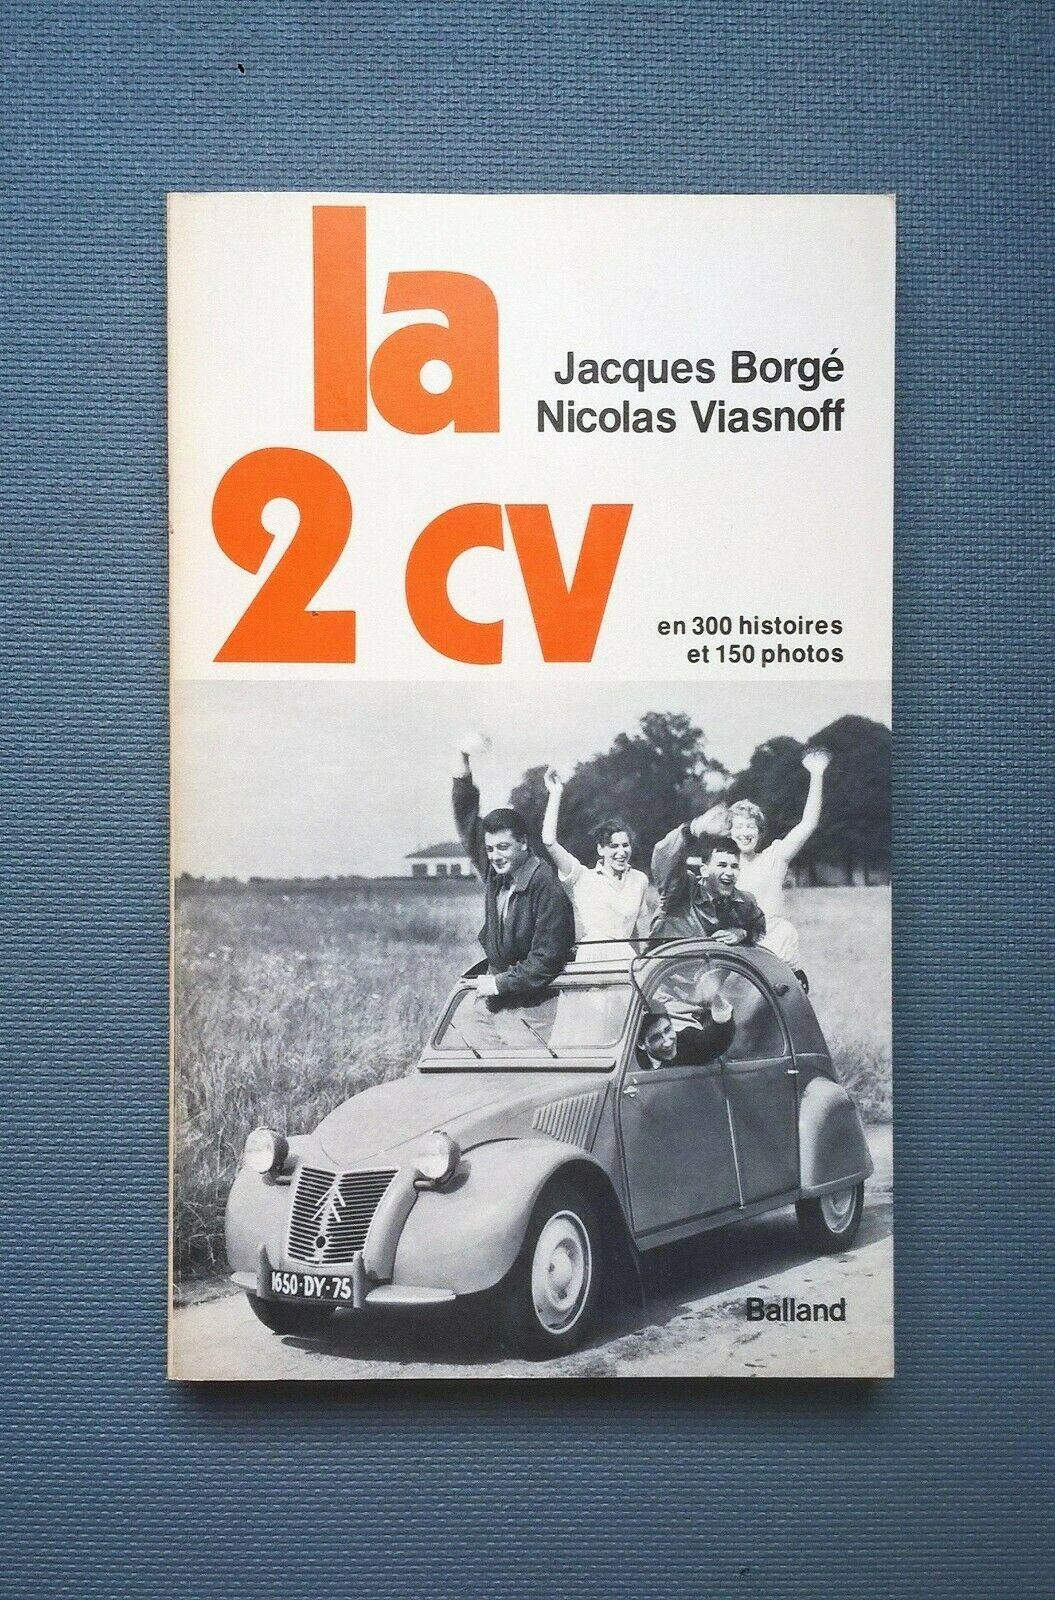 1977 2CV en 300 histoires